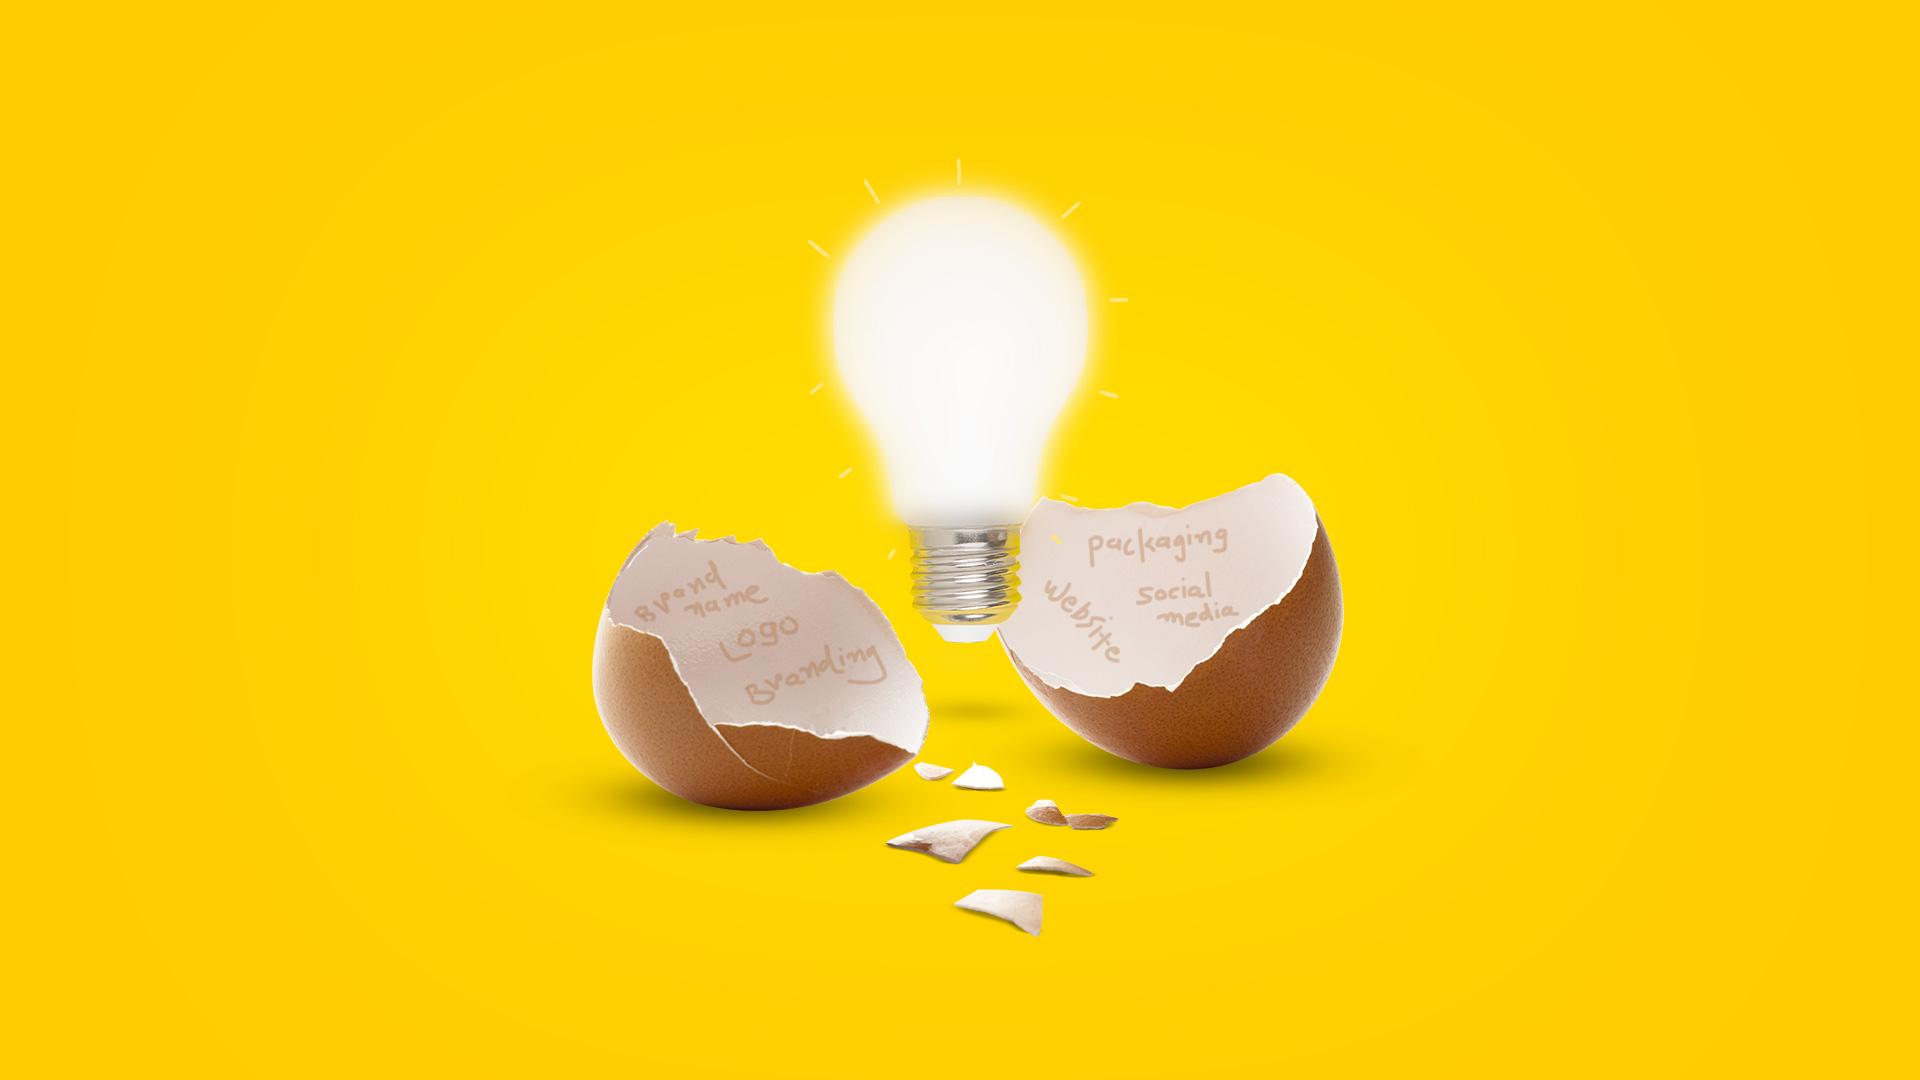 startup-branding-marketing-banner